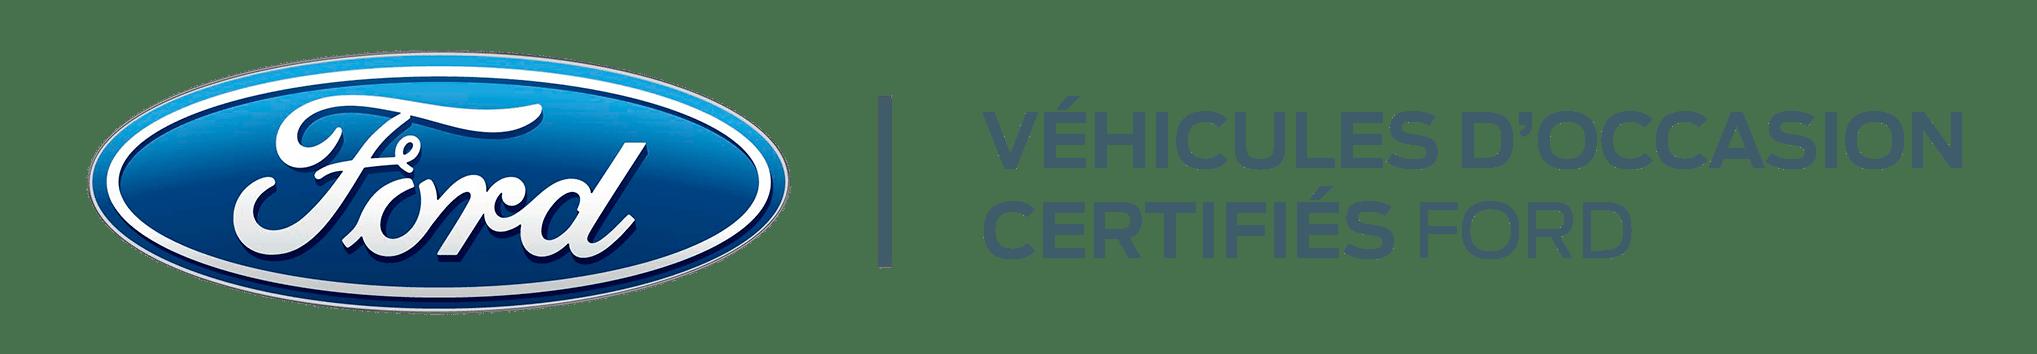 Ford Avantages des véhicules d'occasion certifiés image